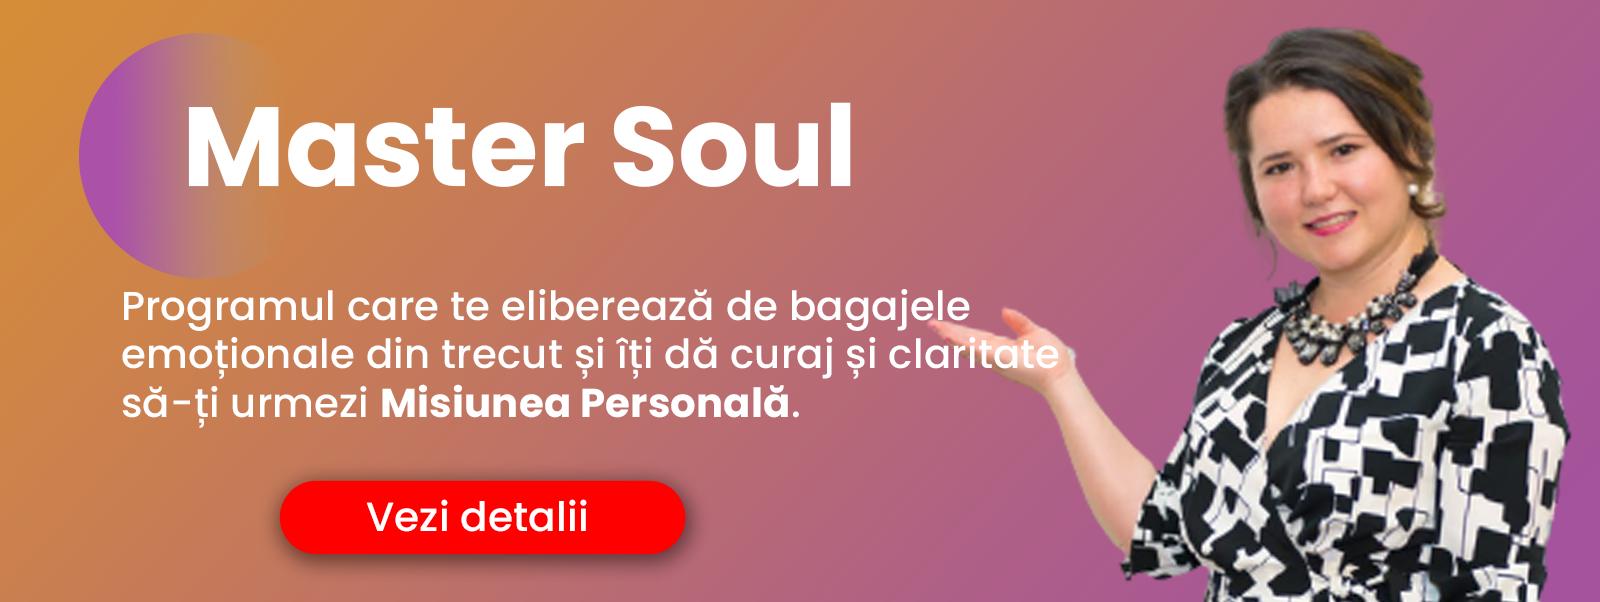 Banner Master Soul EI